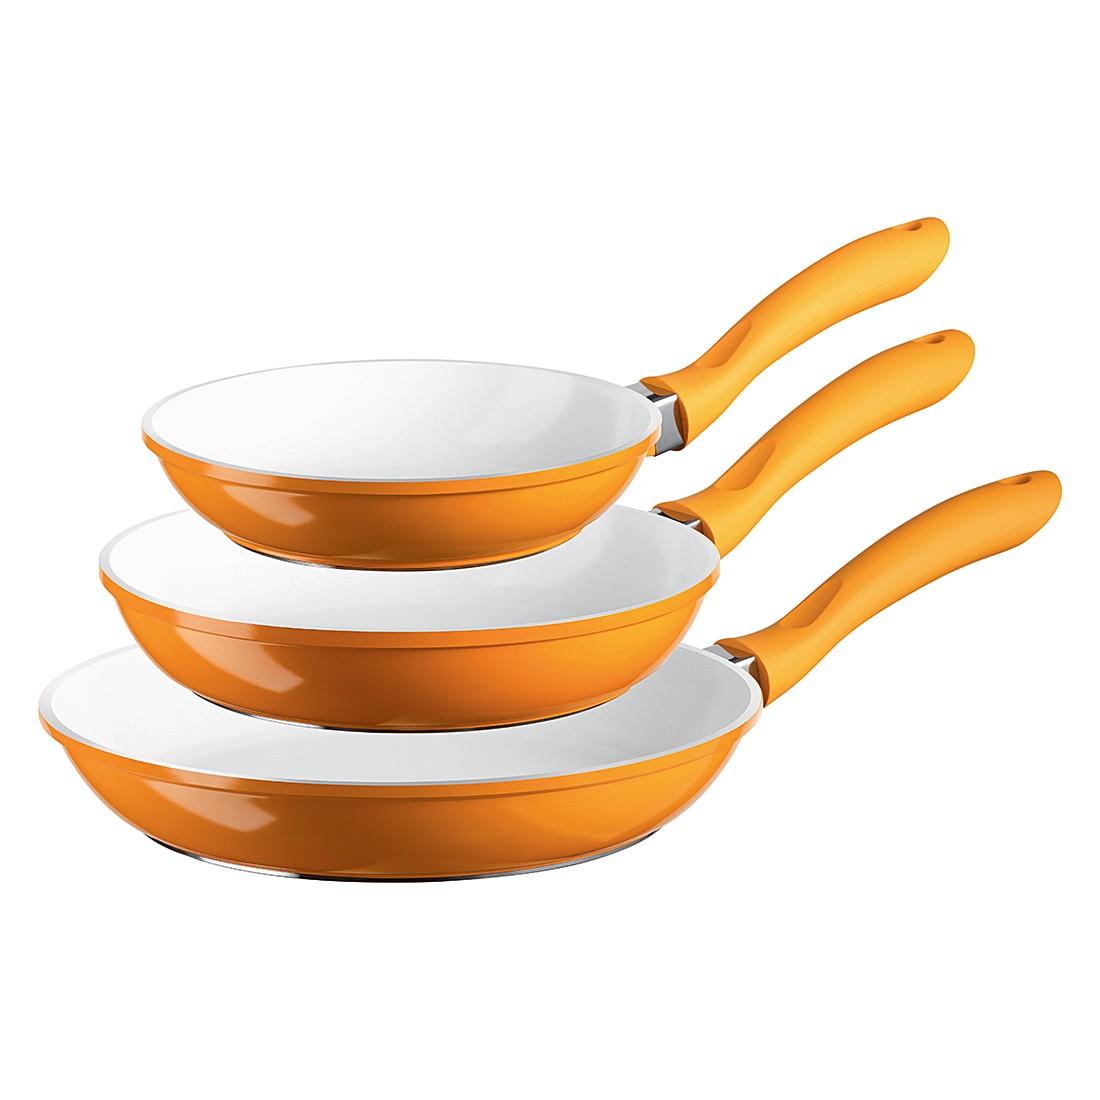 Pfannen-Set Alioth (3-teilig) – 20, 24 & 28 cm, orange, Mäser günstig online kaufen